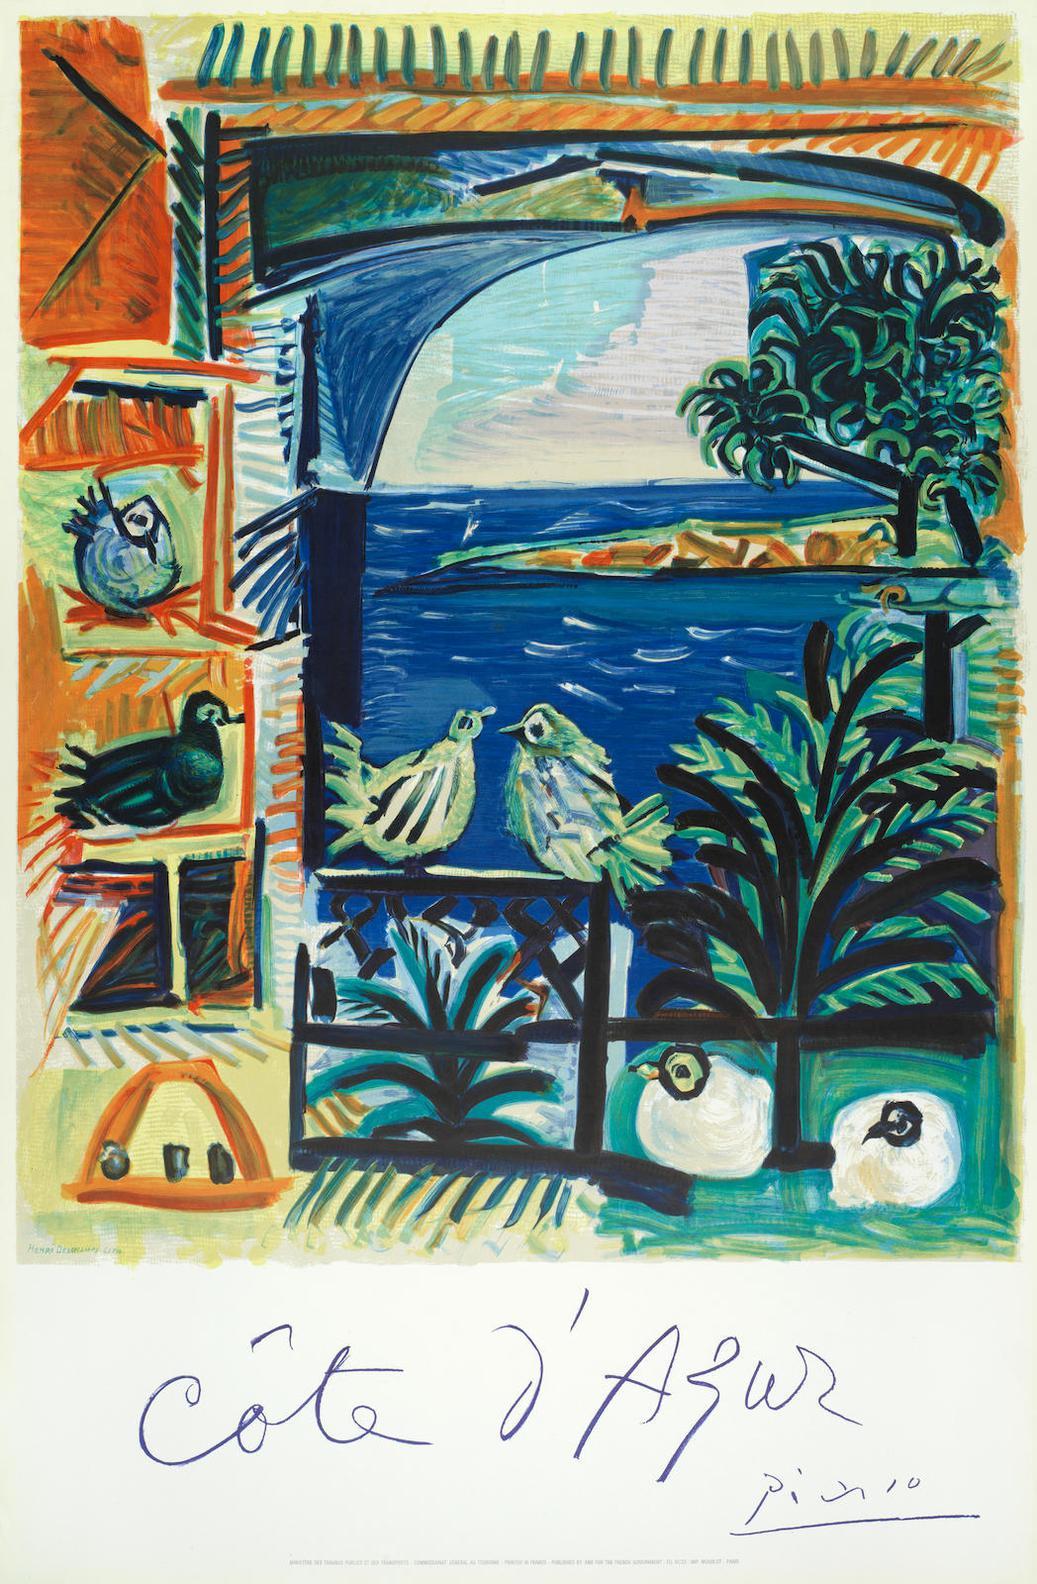 Pablo Picasso-After Pablo Picasso - Cote Dazur (Czwiklitzer 177)-1962